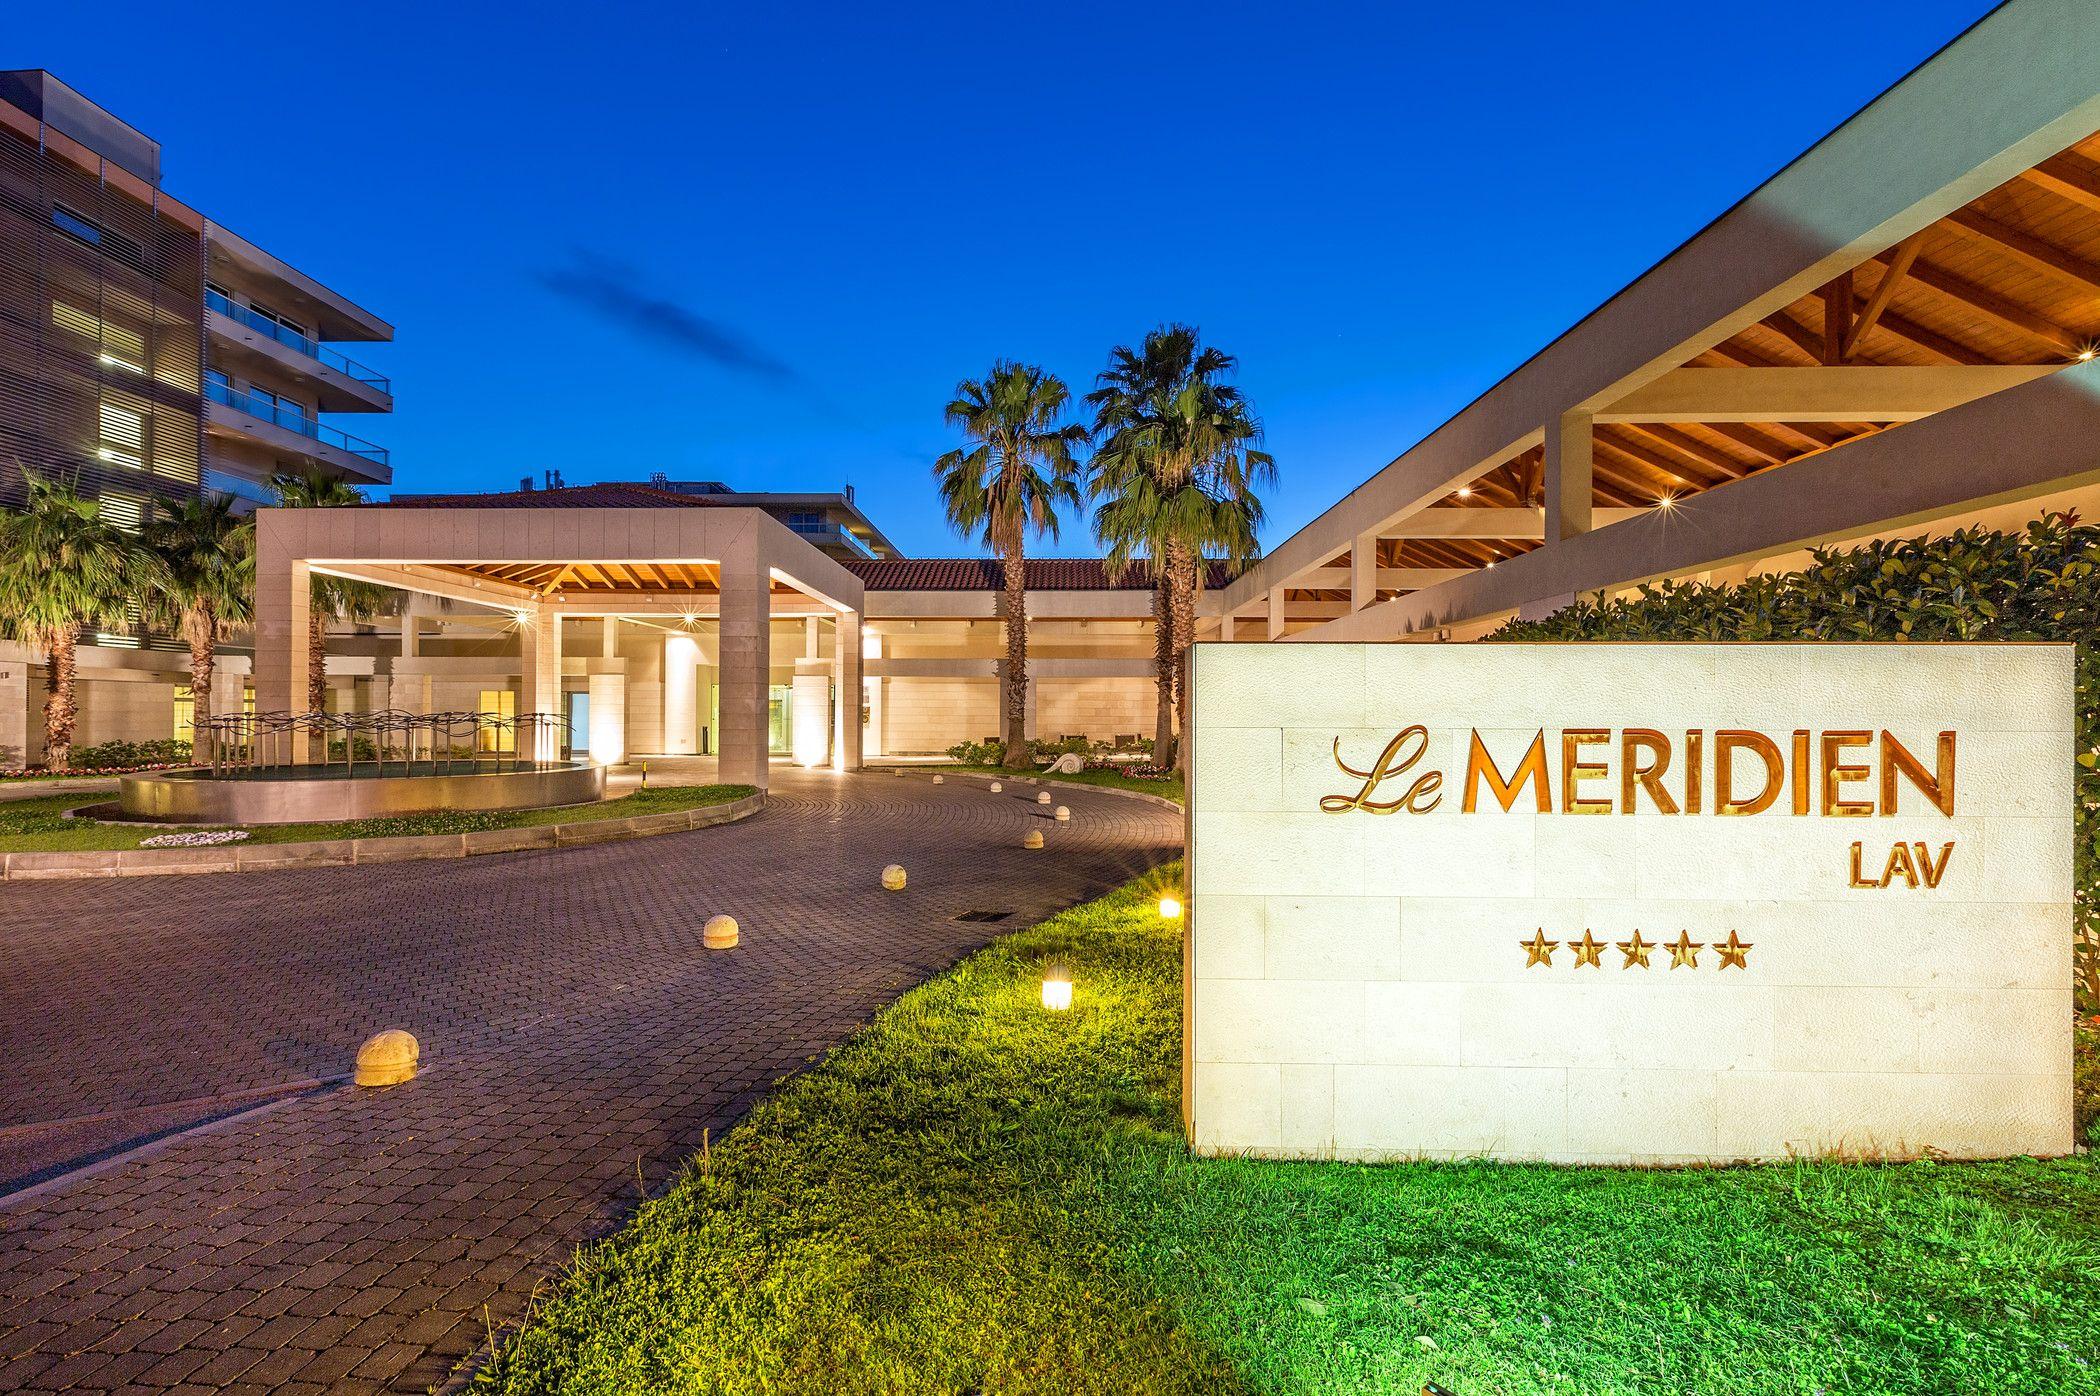 Hotel Le Méridien Lav